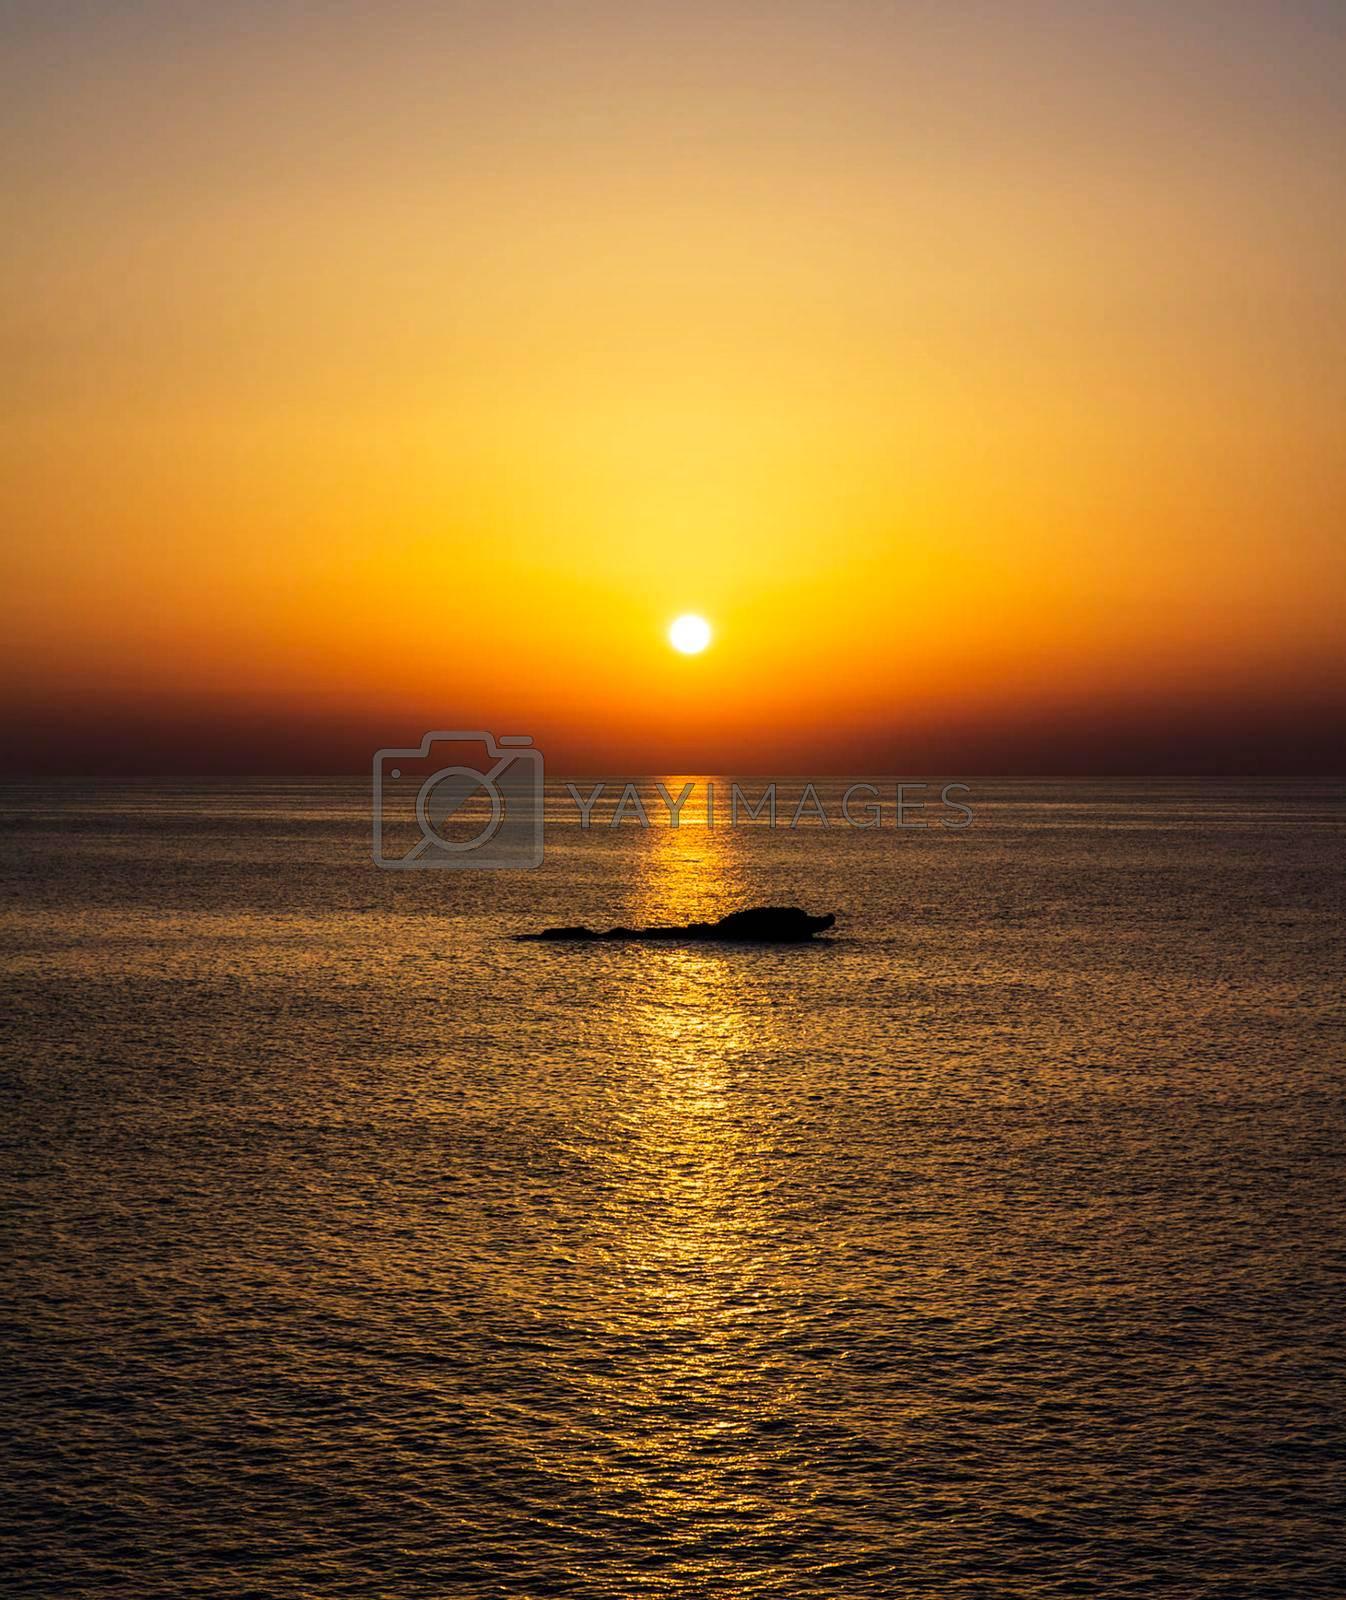 Malta pictures